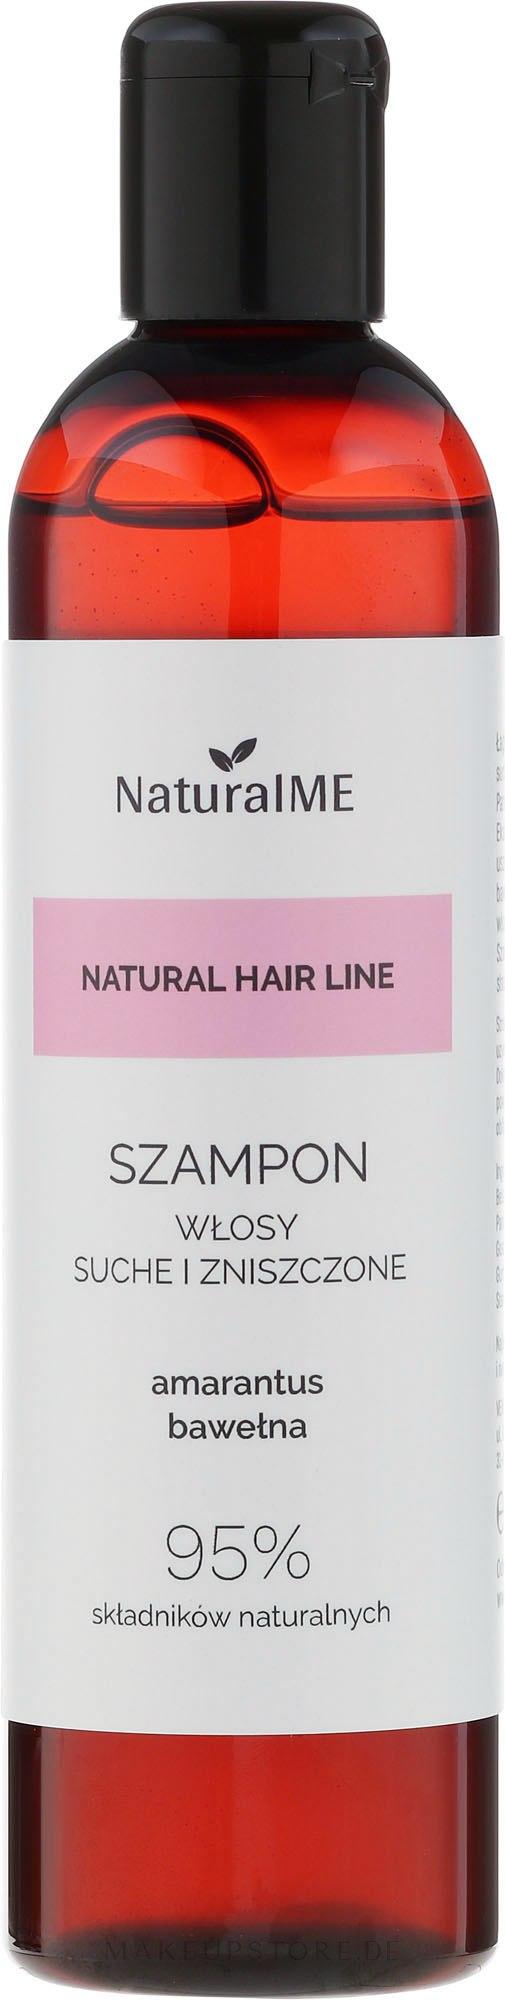 Sanftes Shampoo für trockenes und strapaziertes Haar - NaturalME Natural Hair Line Shampoo — Bild 300 ml